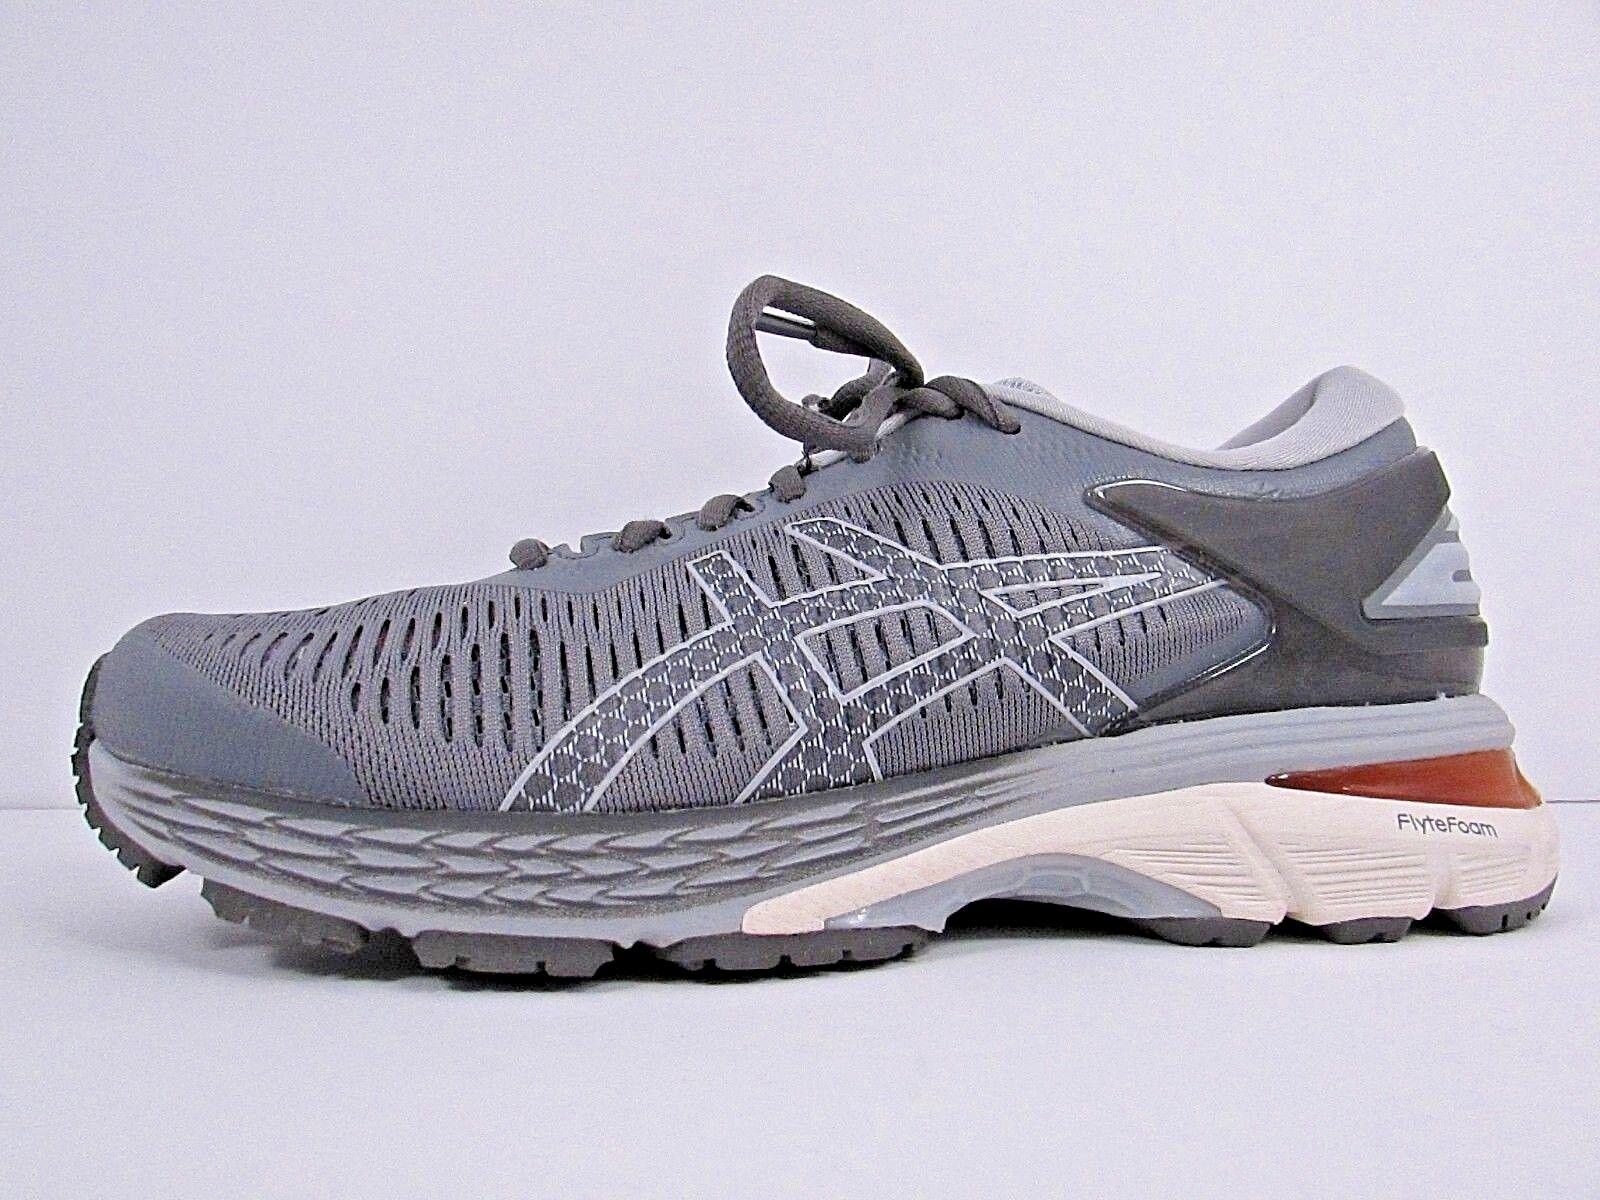 donna ASICS GEL KAYANO 25 Dimensione 7.5    WORN AROUND 15 MILES  RUNNING scarpe  49b236